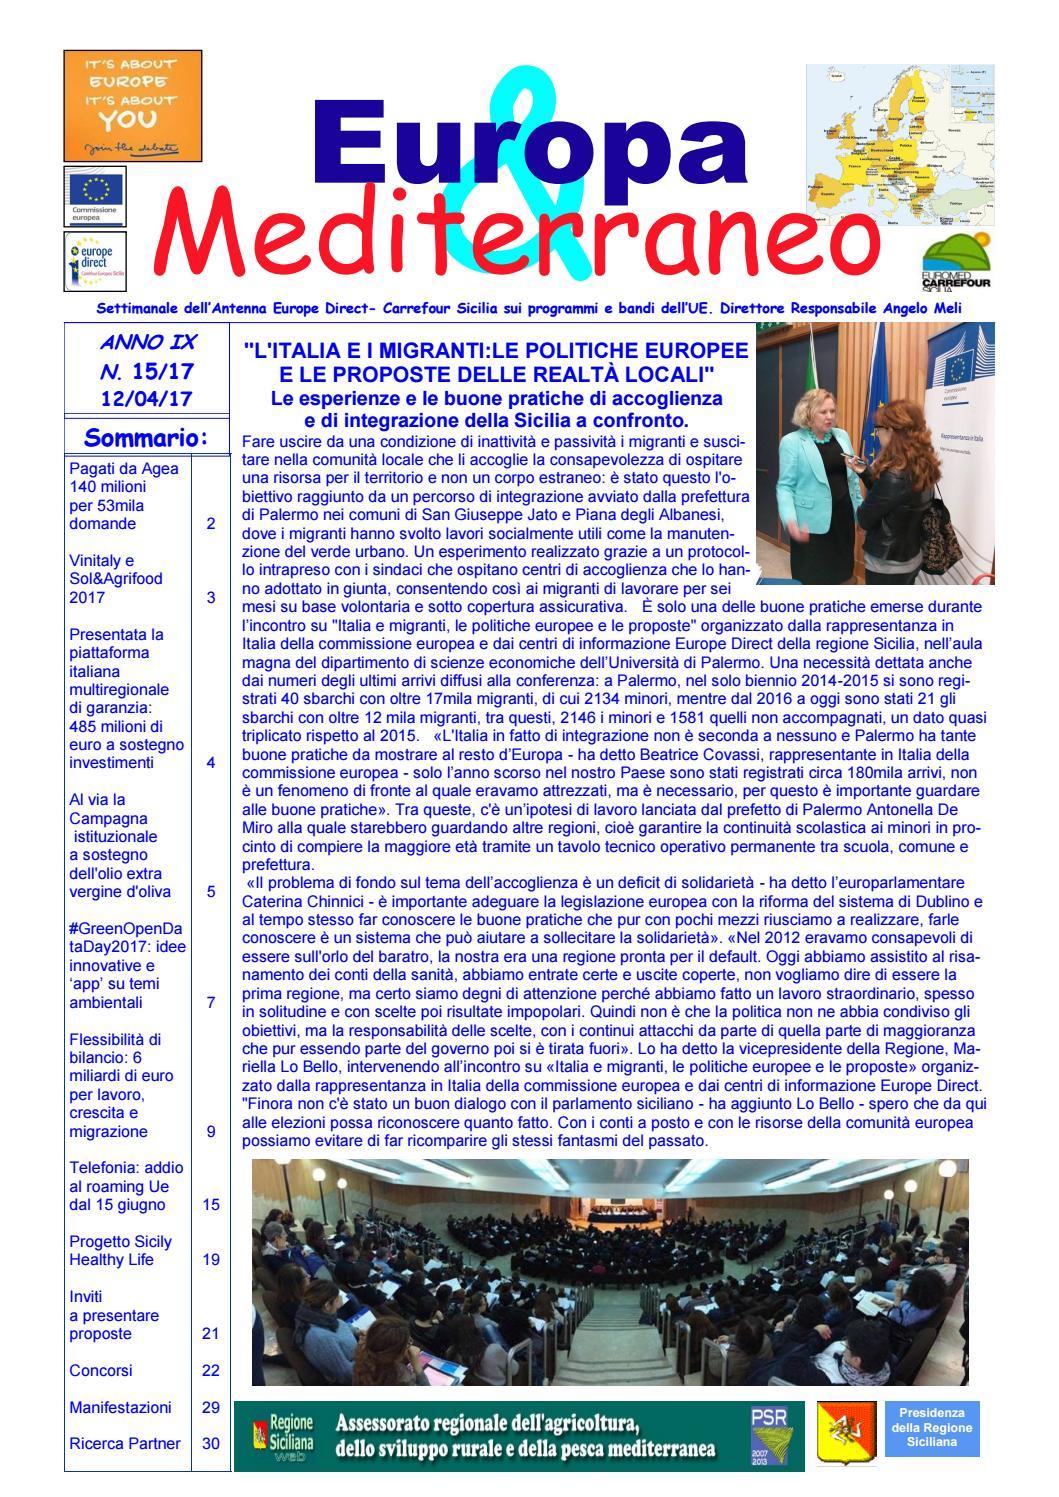 Attendibilita Calendario Cinese Gravidanza.Europa Mediterraneo N 15 Del 12 04 2017 By Euromed Carrefour